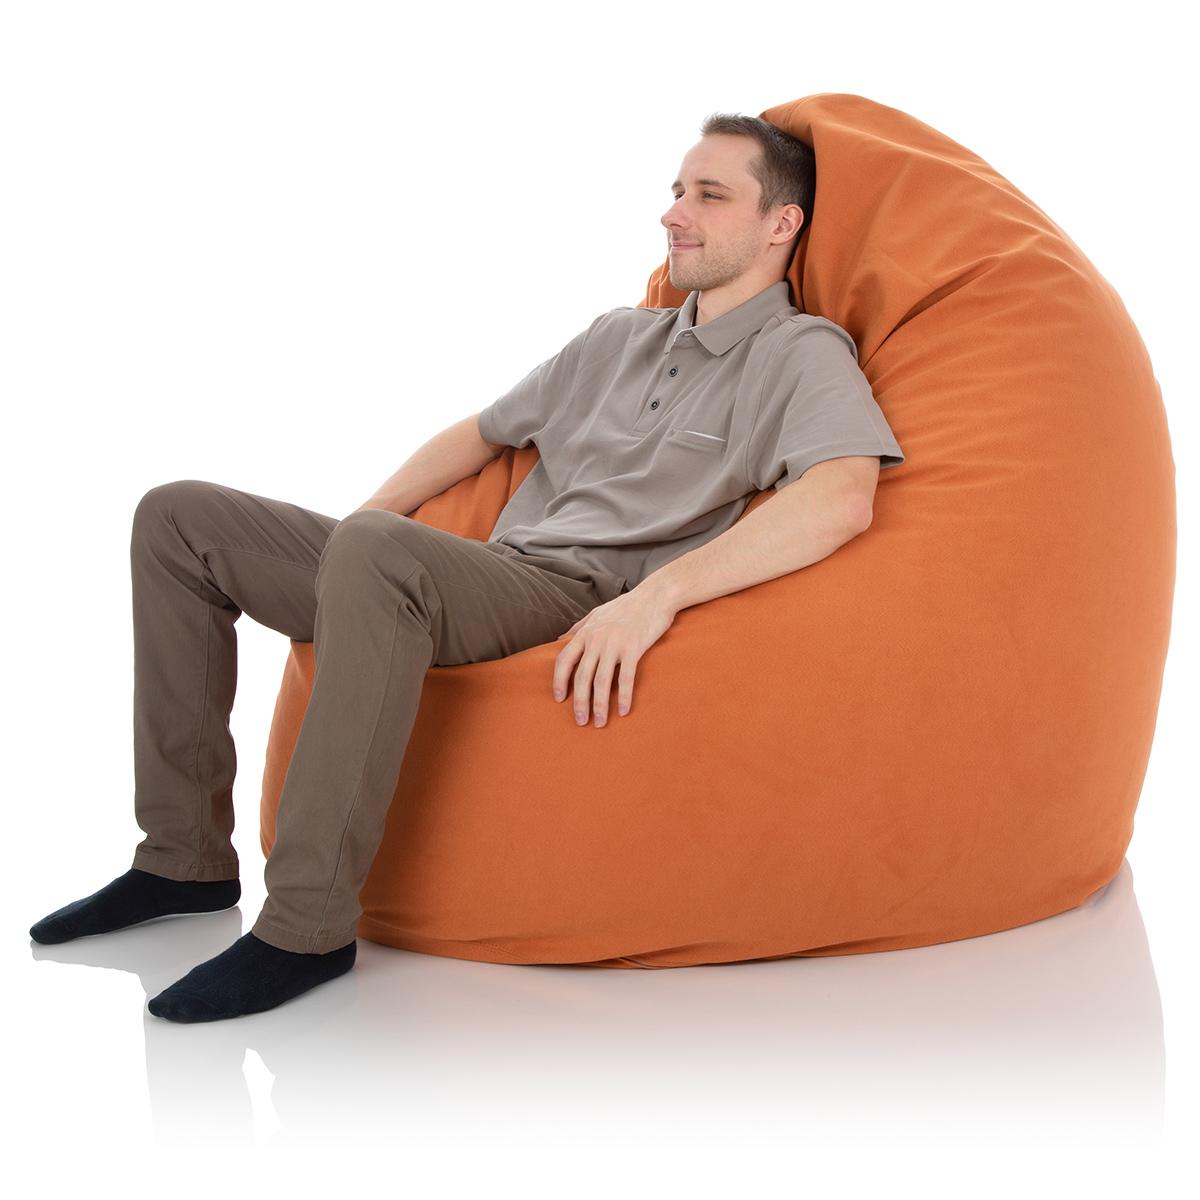 Riesen-Sitzsack XXL für das Kinderzimmer oder Wohnzimmer in orange-terrakotta mit ca. 1000 Liter Sitzsack-Füllung